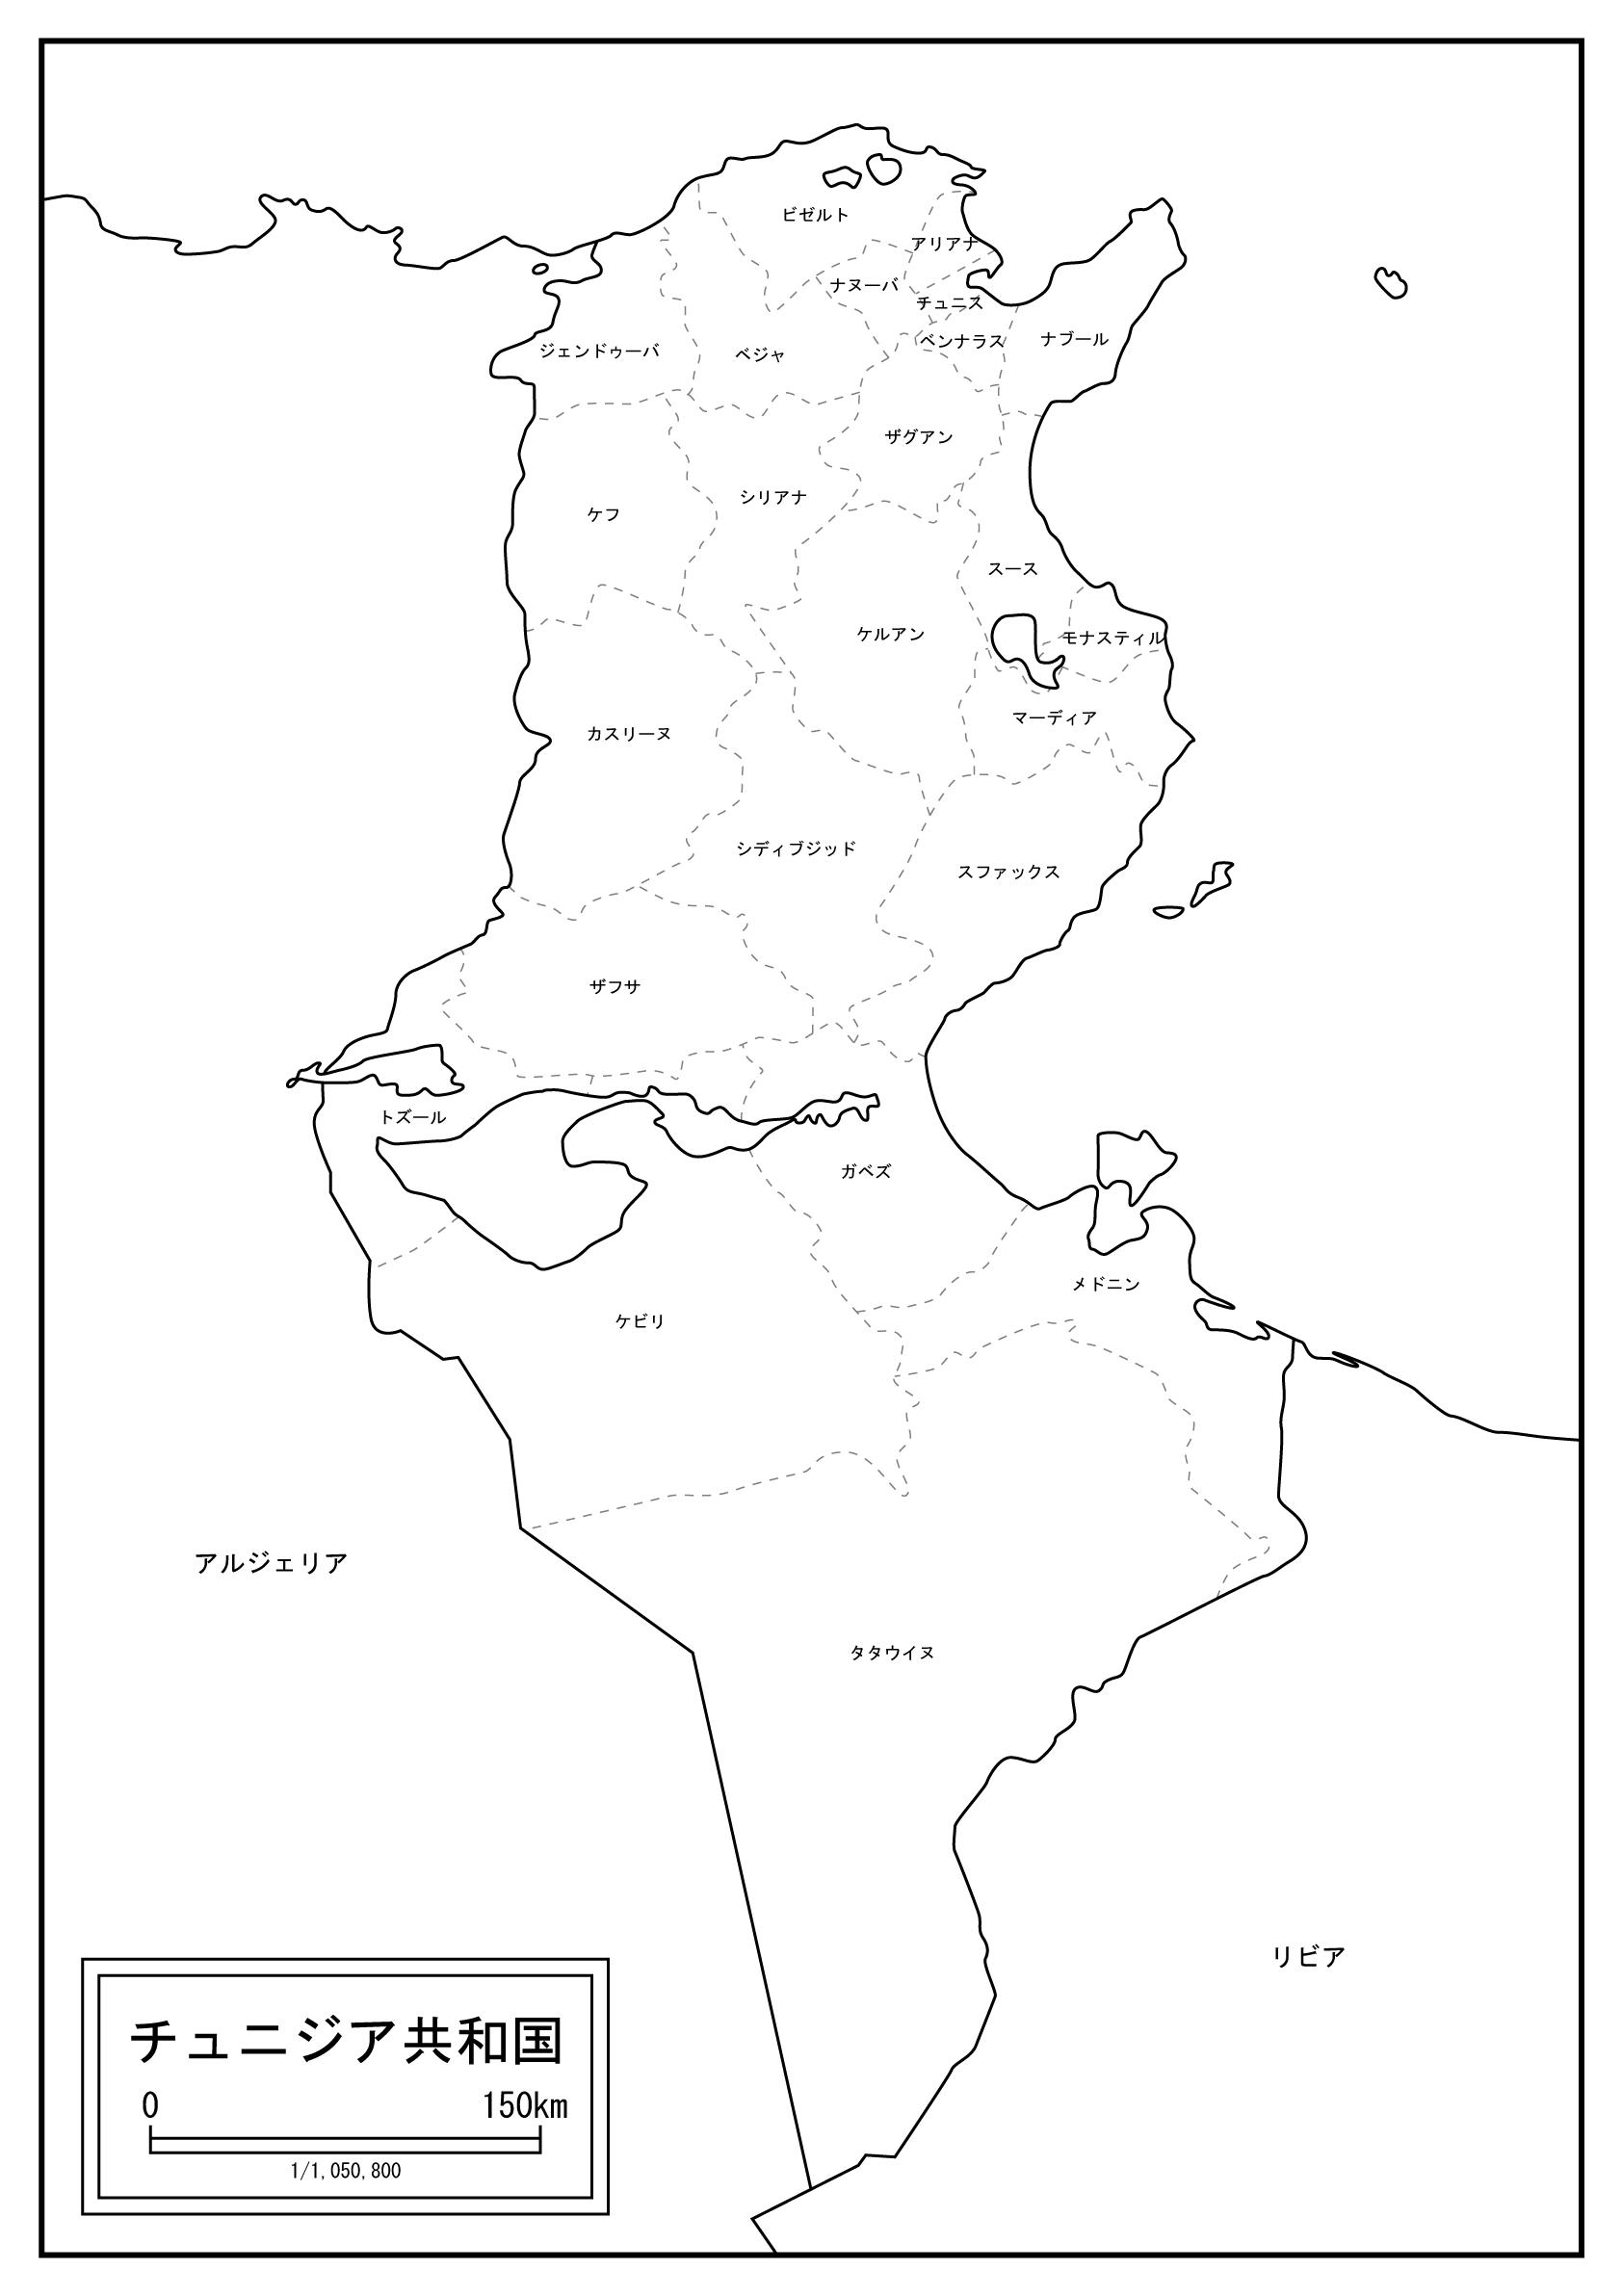 チュニジアの白地図を無料ダウンロード | 白地図専門店